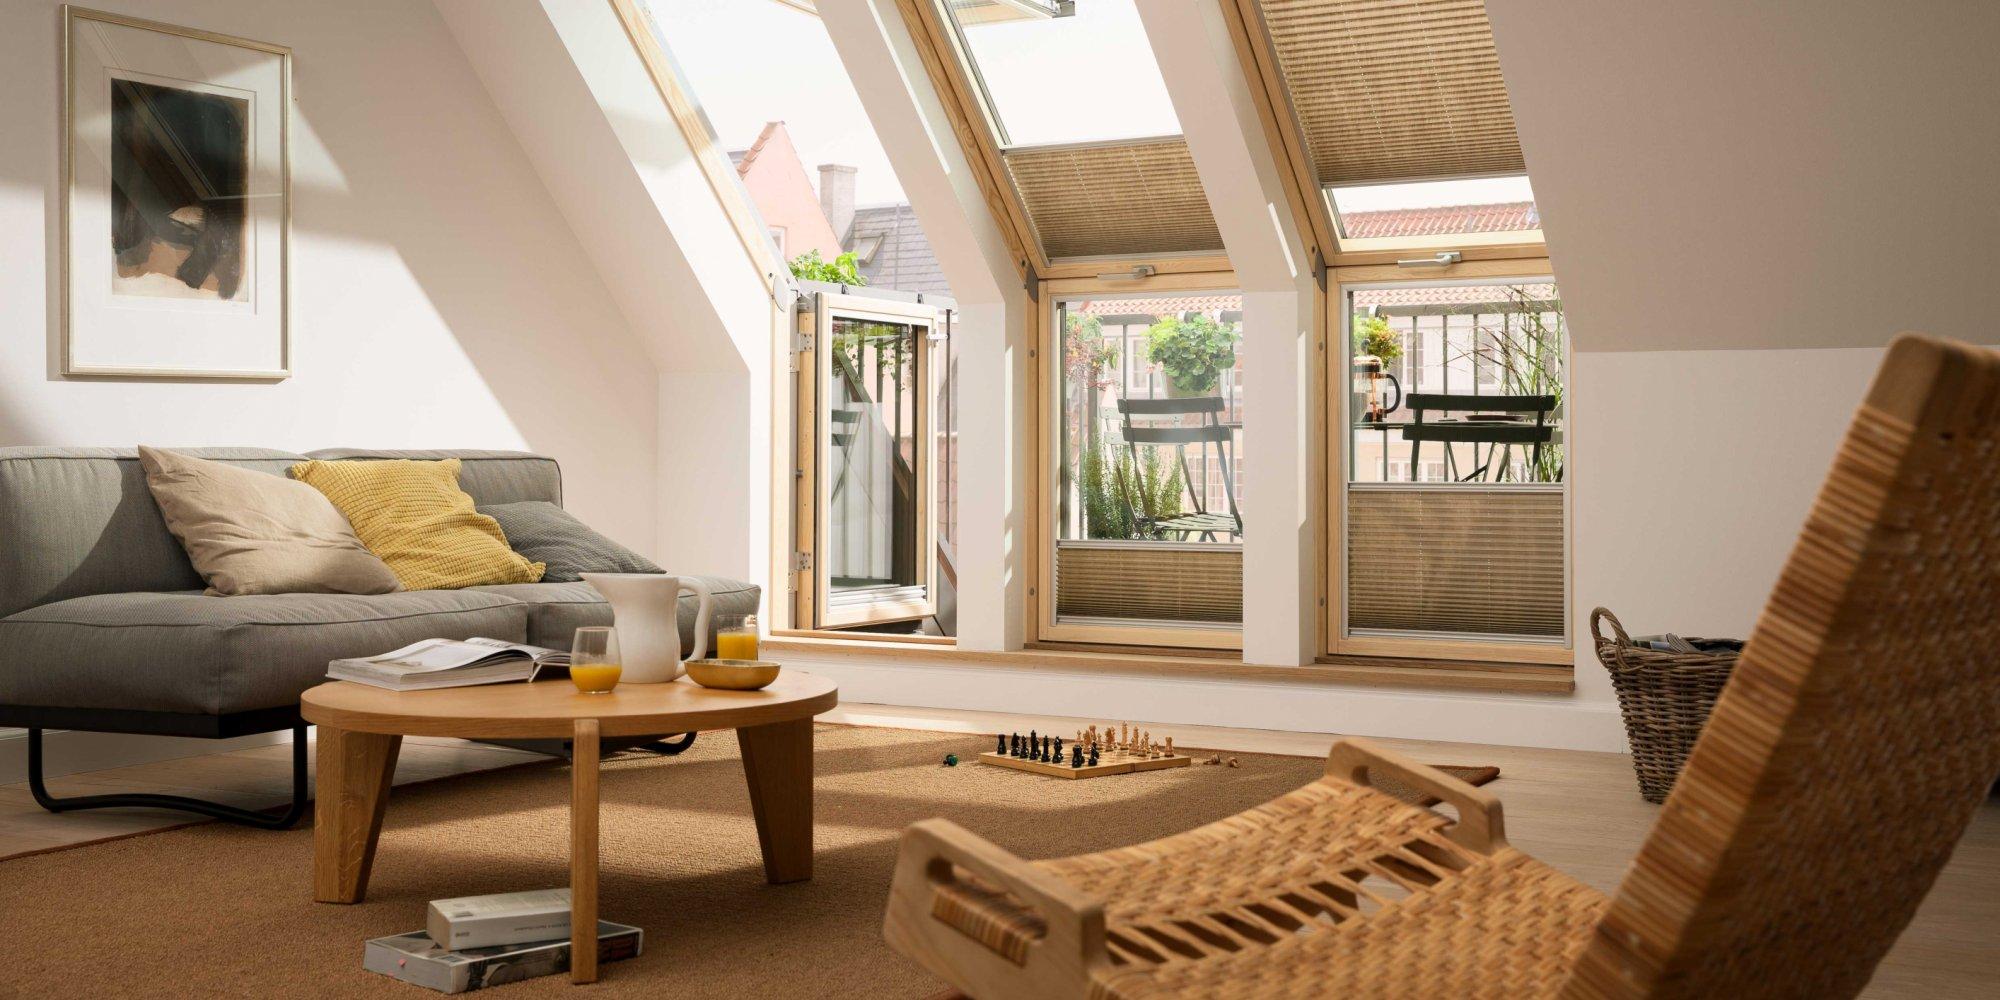 Idee Deco Interieur Salon | Decoration Salle à Manger Et Salon Best ...